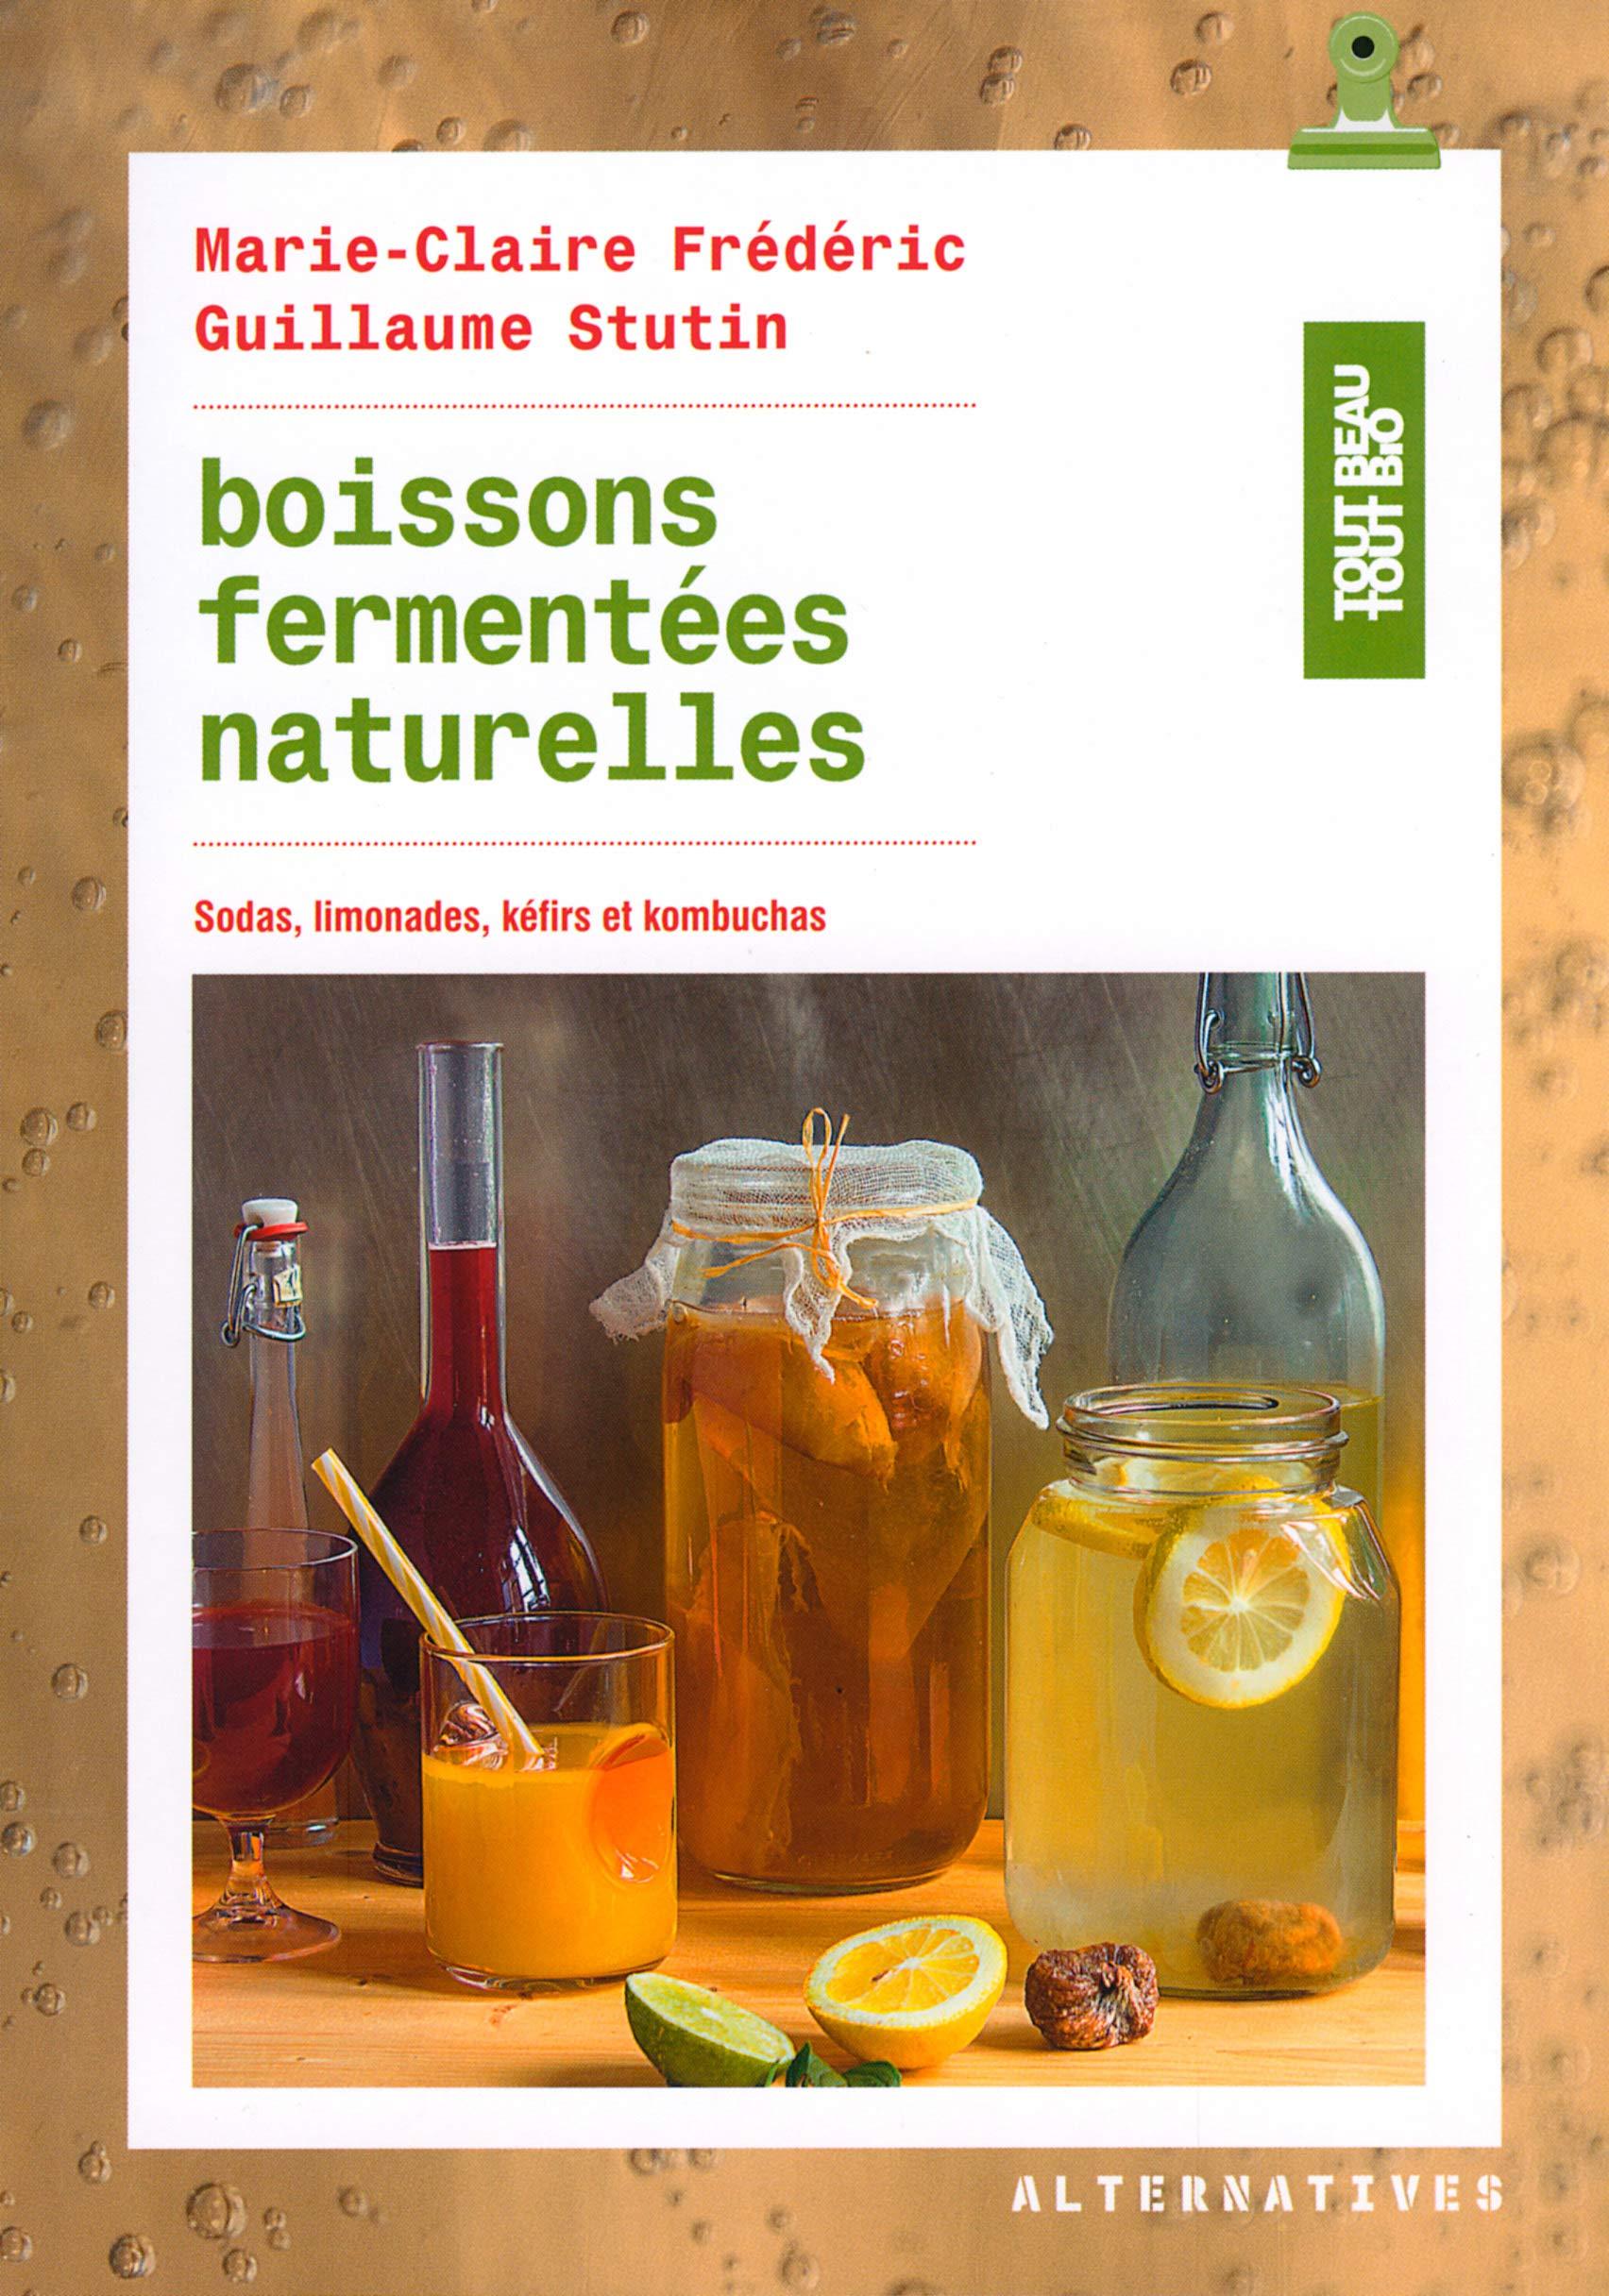 Kacsoo Fermenteur dail Noir Une Nouvelle g/én/ération de fermenteur dail Noir Ultraviolet Intelligent 90W 6L